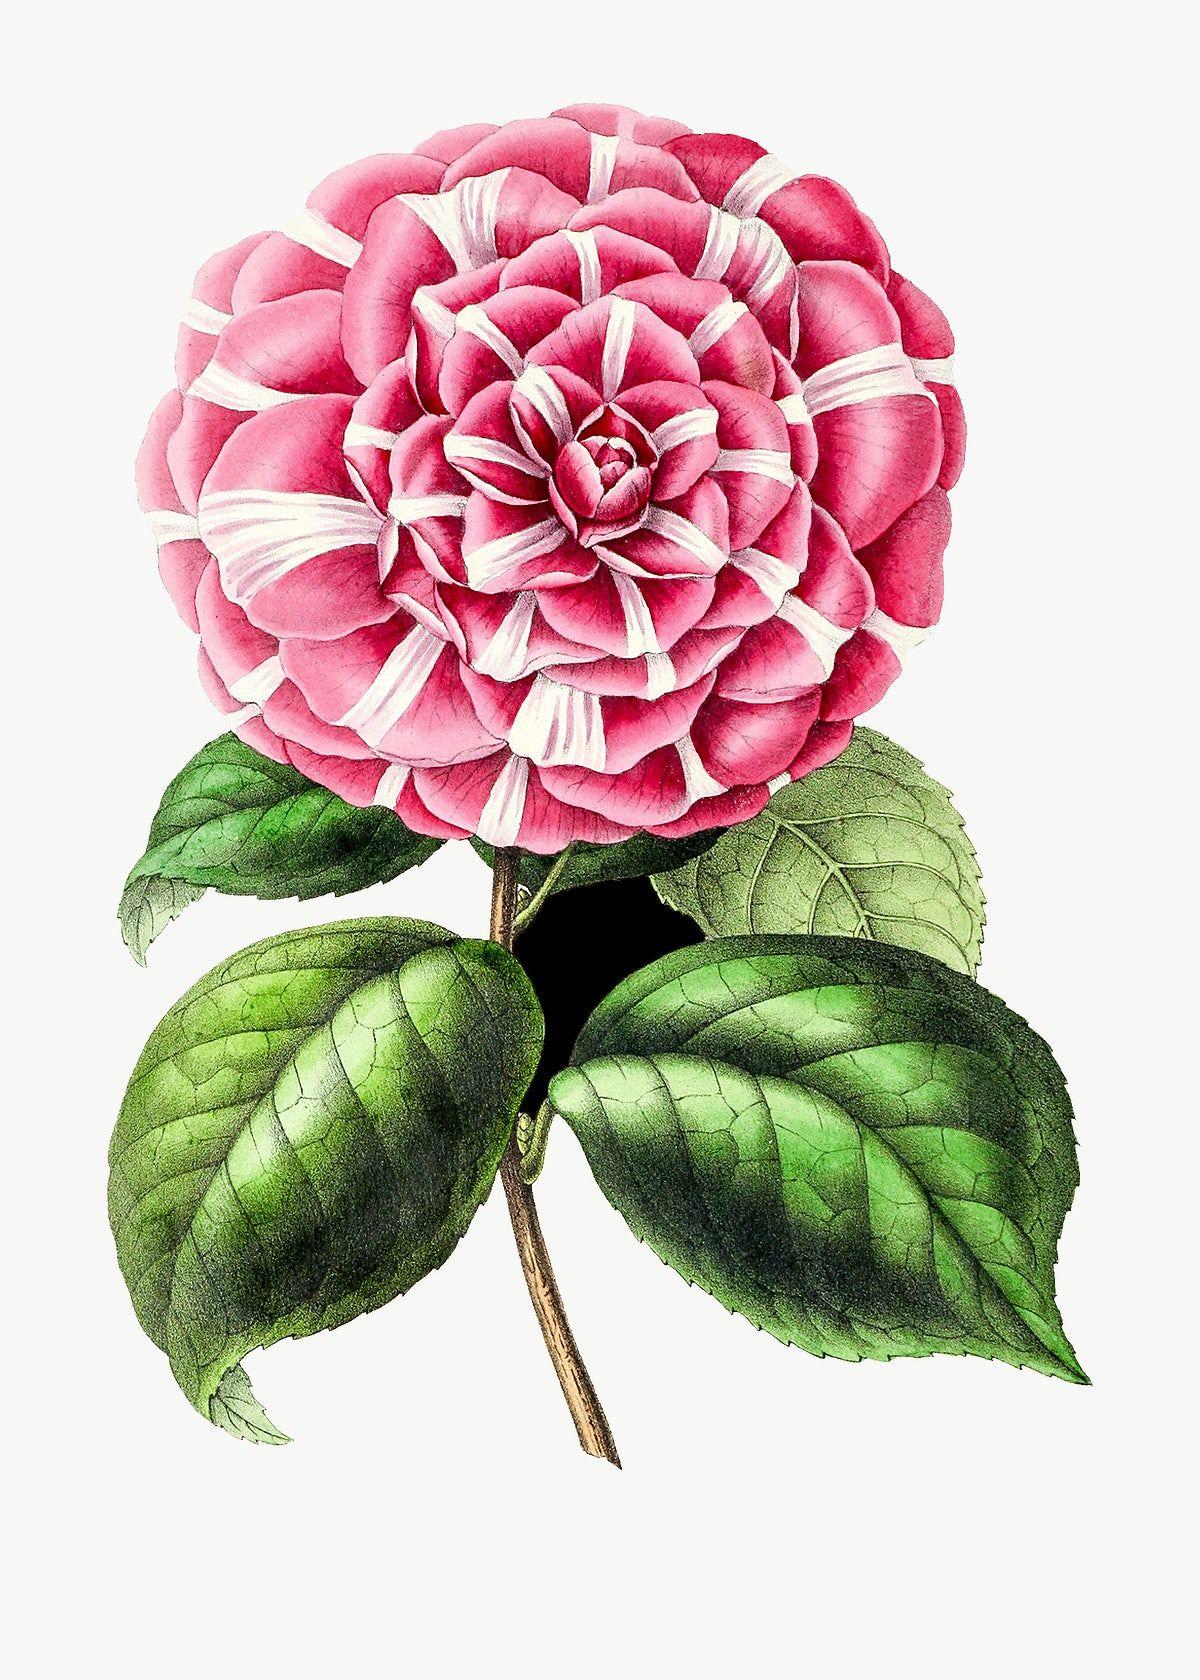 Vintage Pink Camellia Flower Design Element Free Image By Rawpixel Com In 2020 Camellia Flower Design Element Flower Illustration